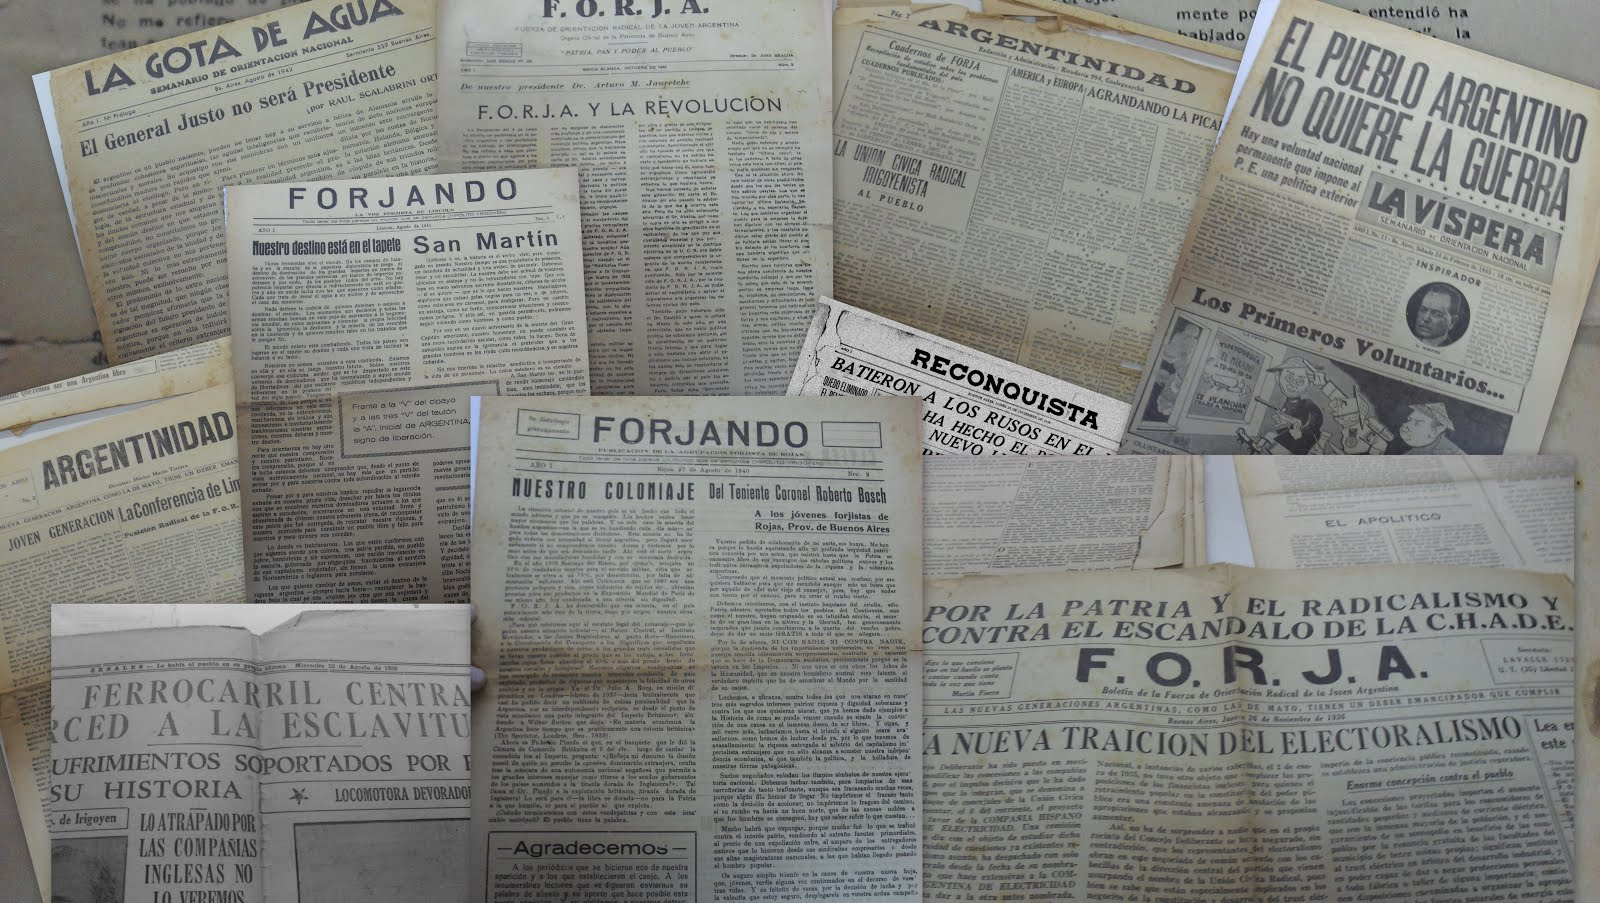 El ideario de FORJA a través de sus publicaciones periódicas. Por Juan Godoy (Tesis de Maestría)